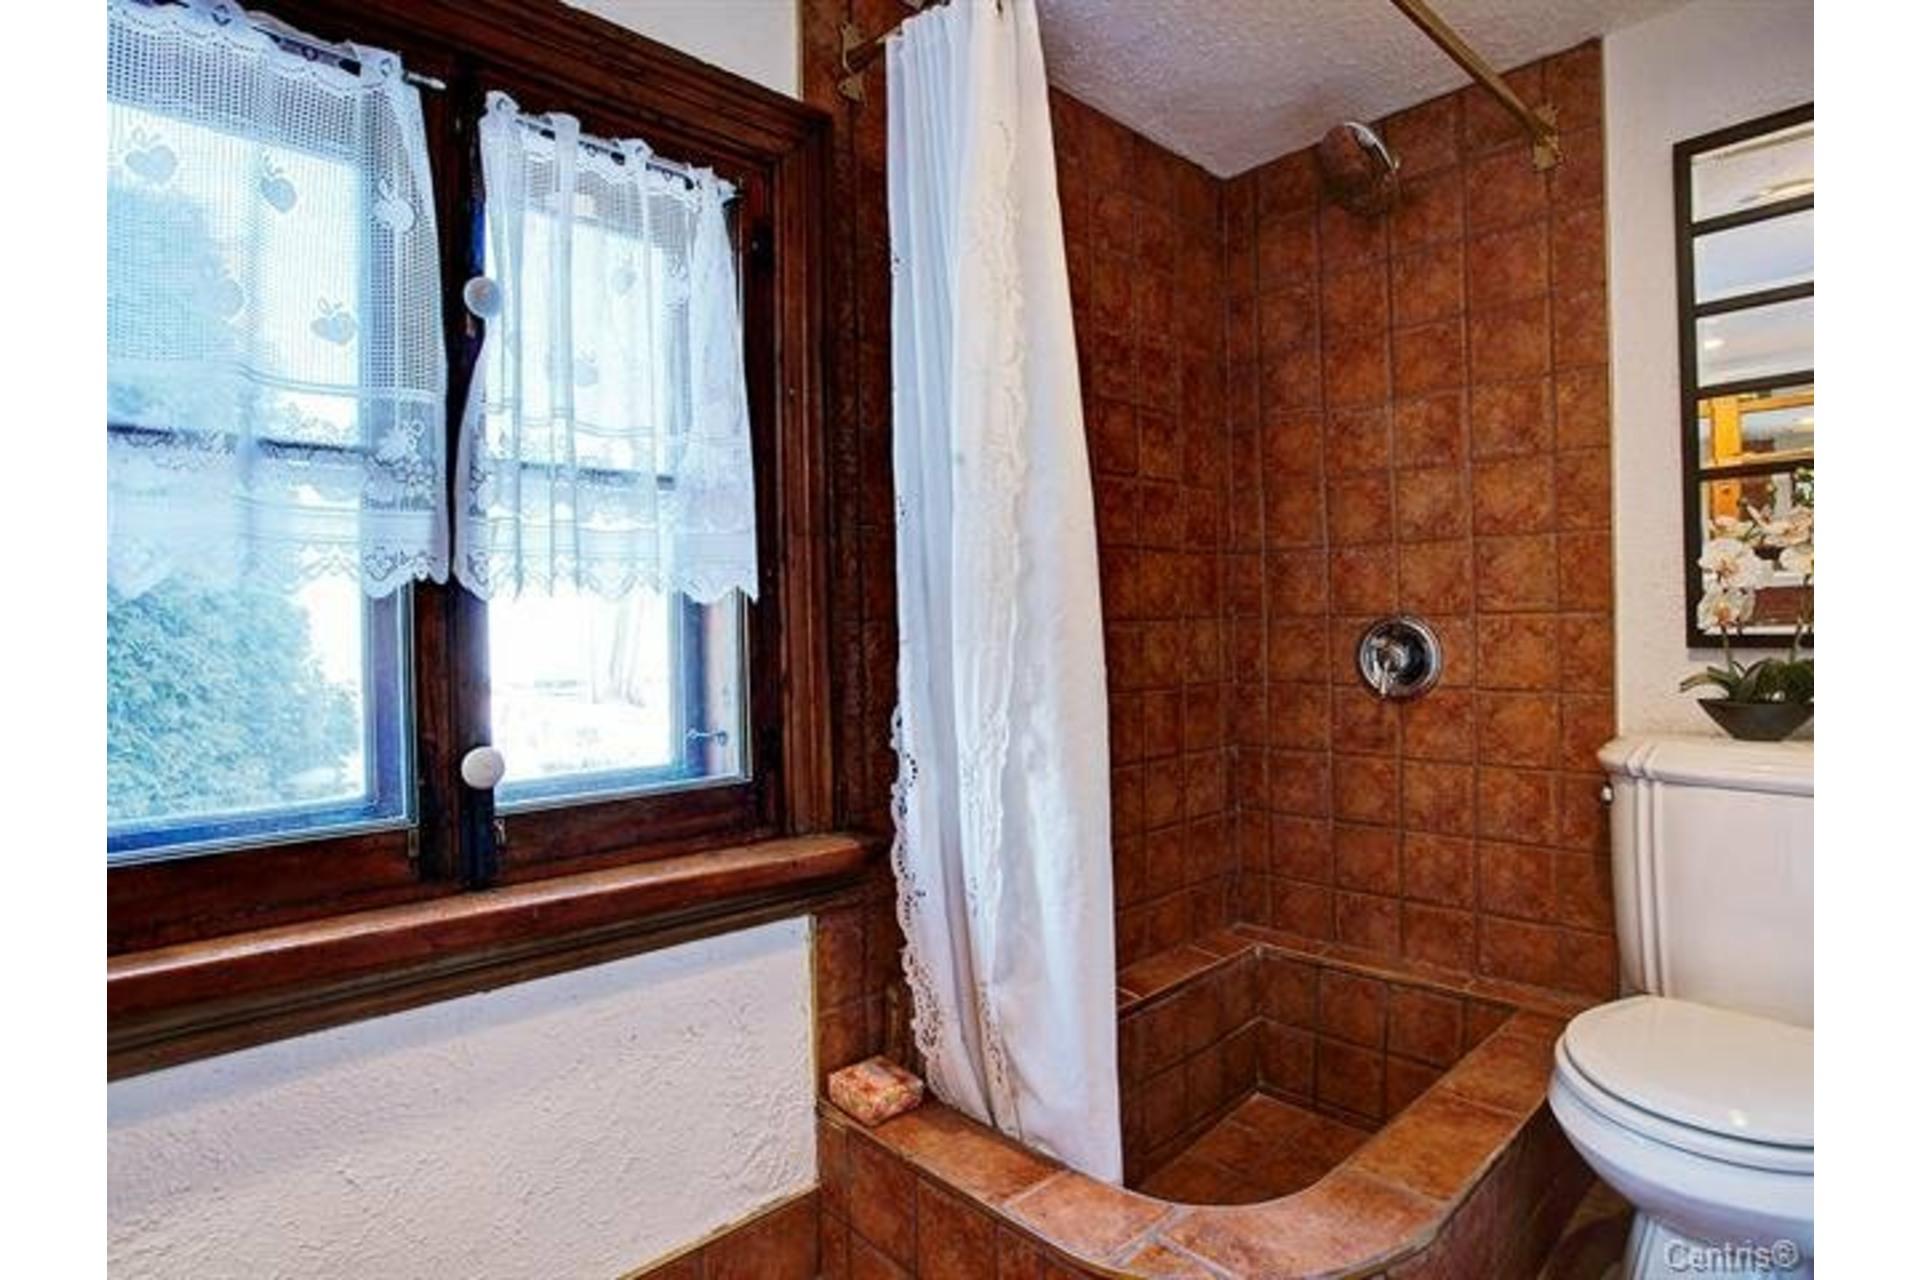 image 10 - Maison À louer Vaudreuil-Dorion - 12 pièces